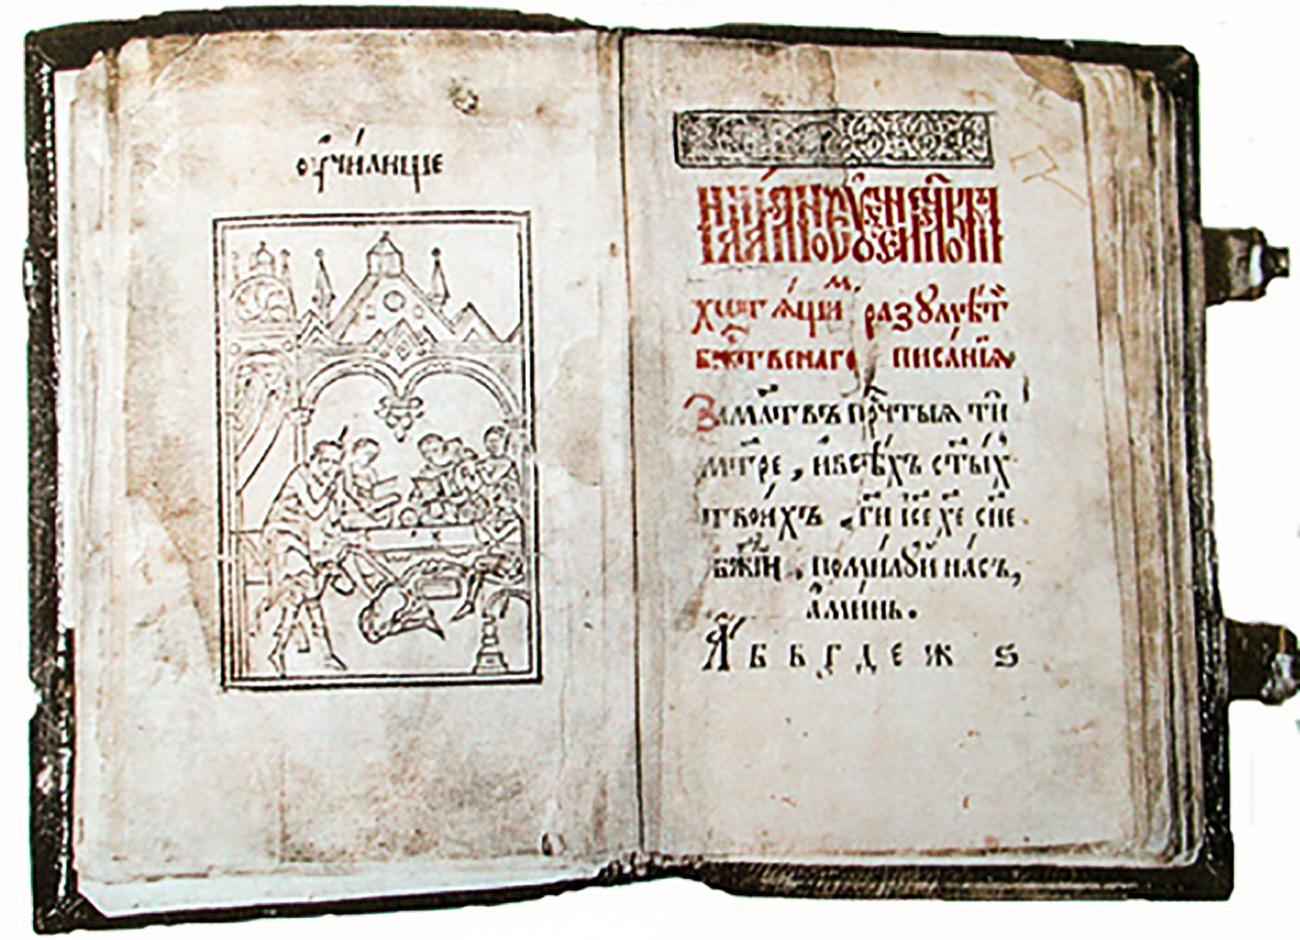 Буквар Василија Бурцова, друго издање, 1637. Извор: www.edu.ru